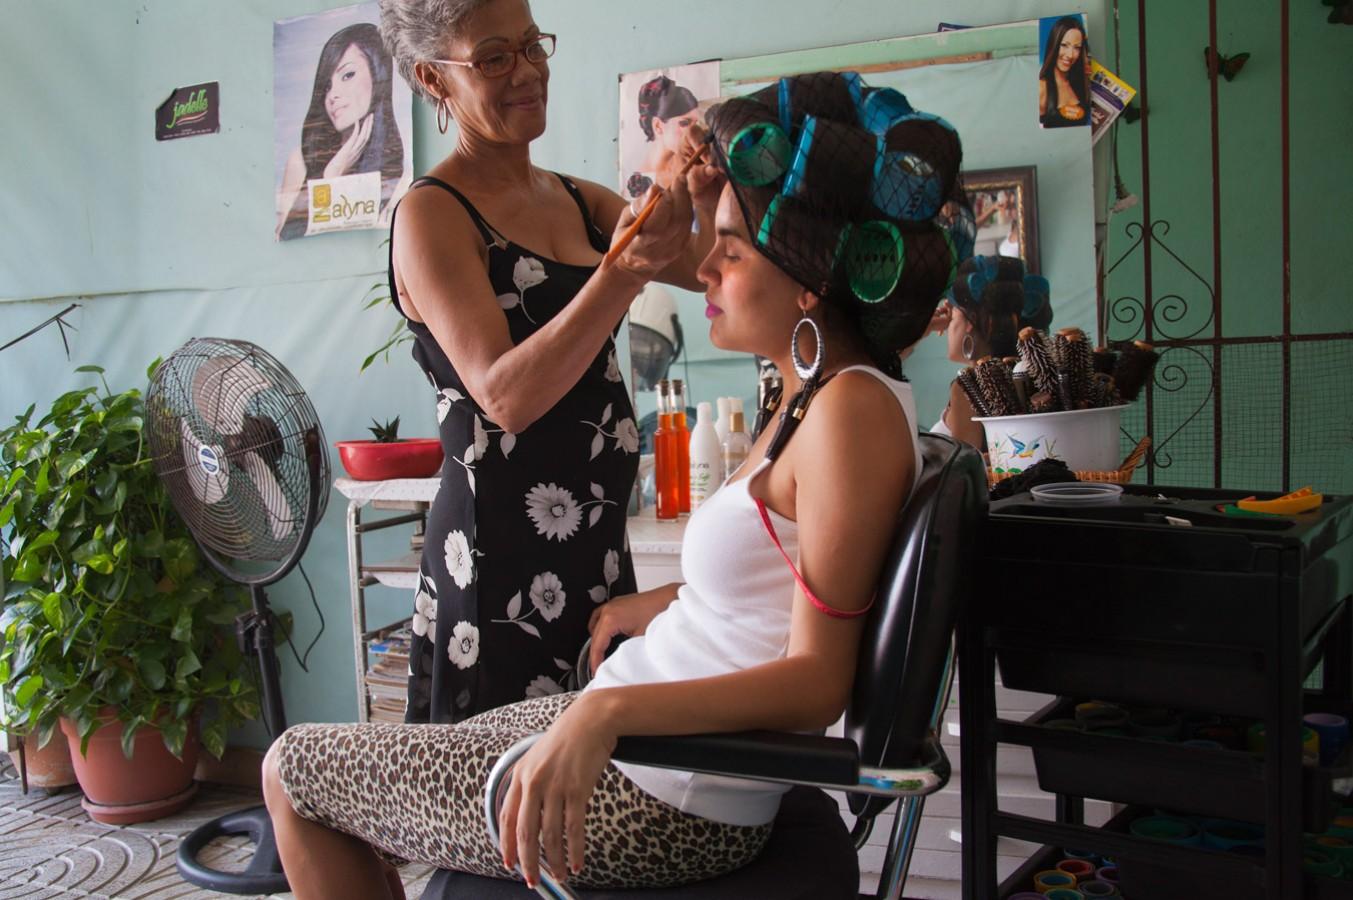 Woman at Salon |  Mujer en el Salón  (2014)